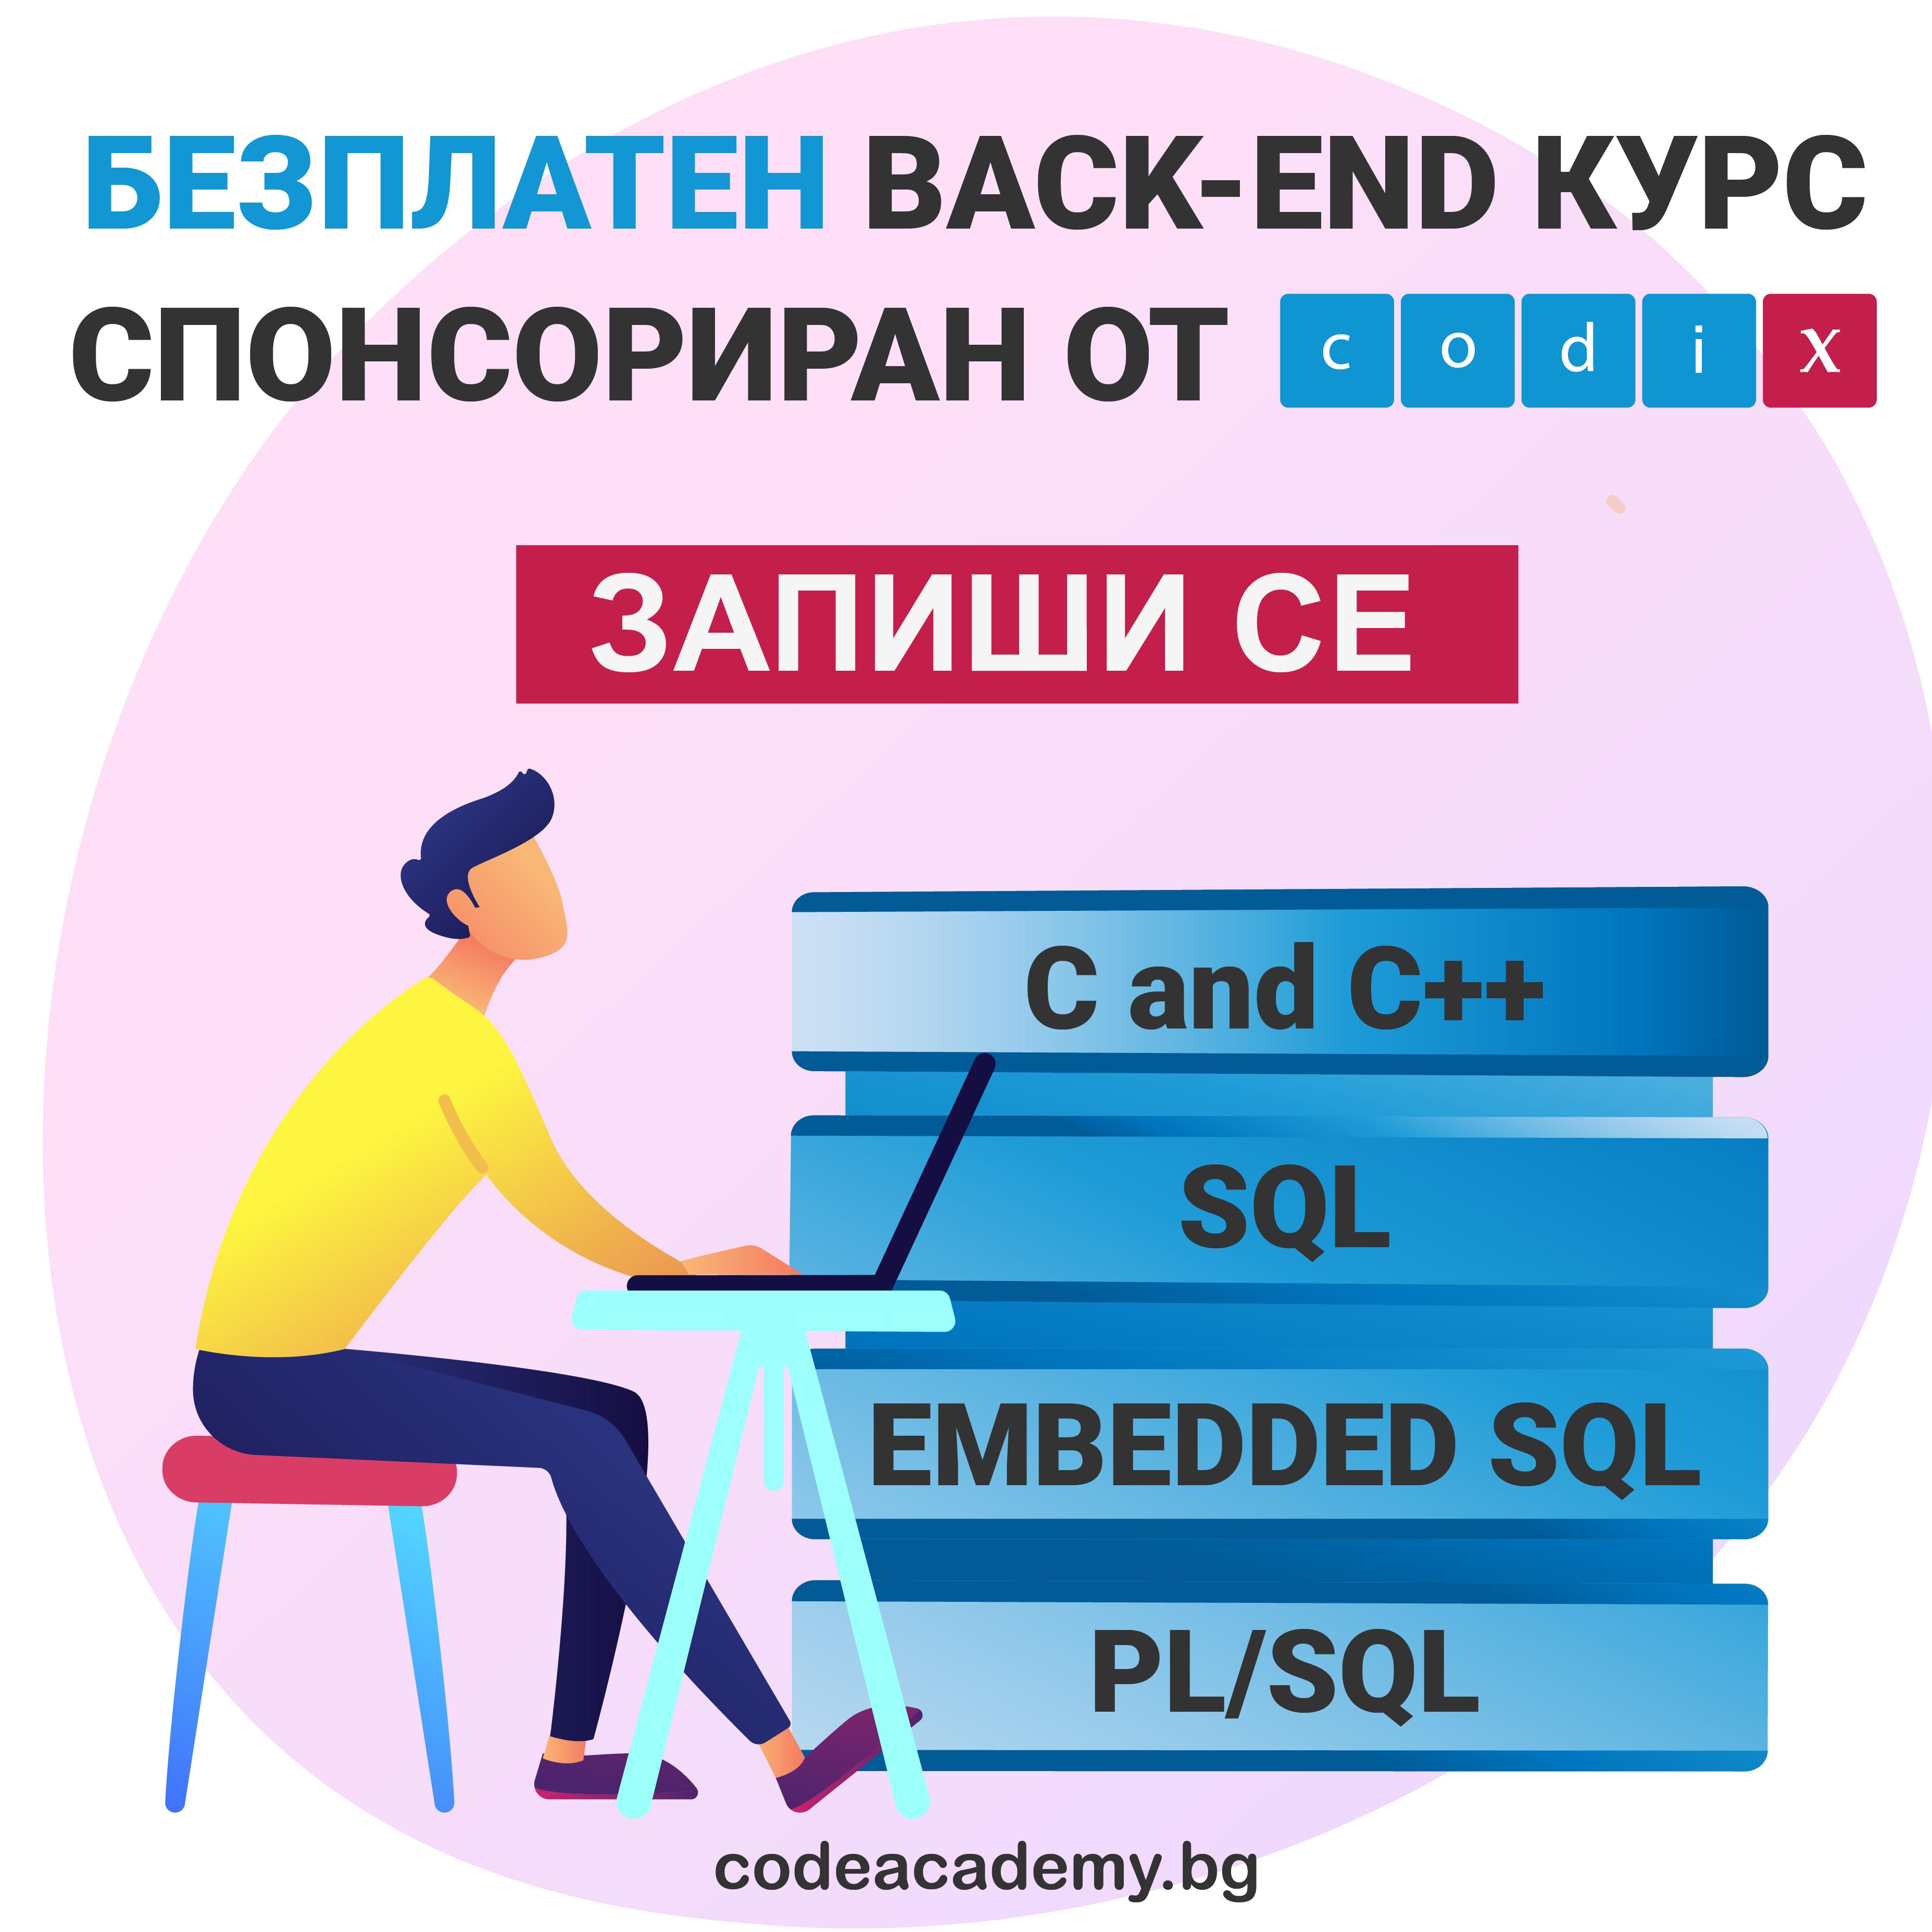 изображение на курс Back-end Junior C